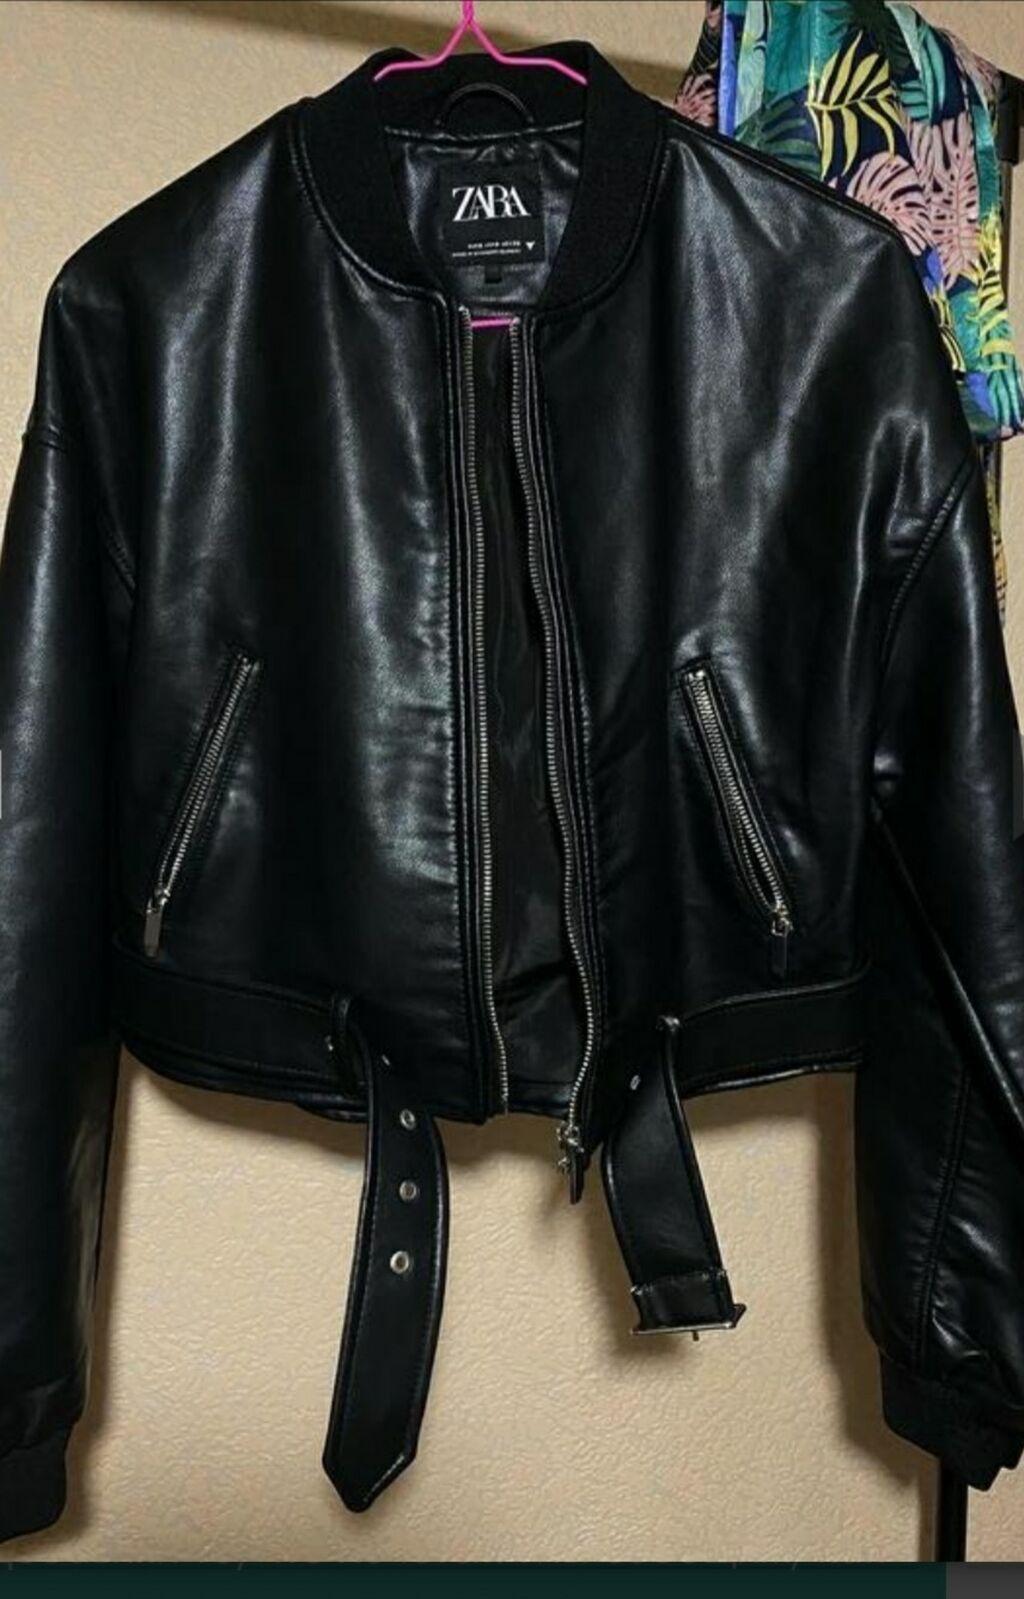 Куртка бомбер от Zara. Покупала В Турции в прошлом году. Почти не носи: Куртка бомбер от Zara. Покупала В Турции в прошлом году. Почти не носи